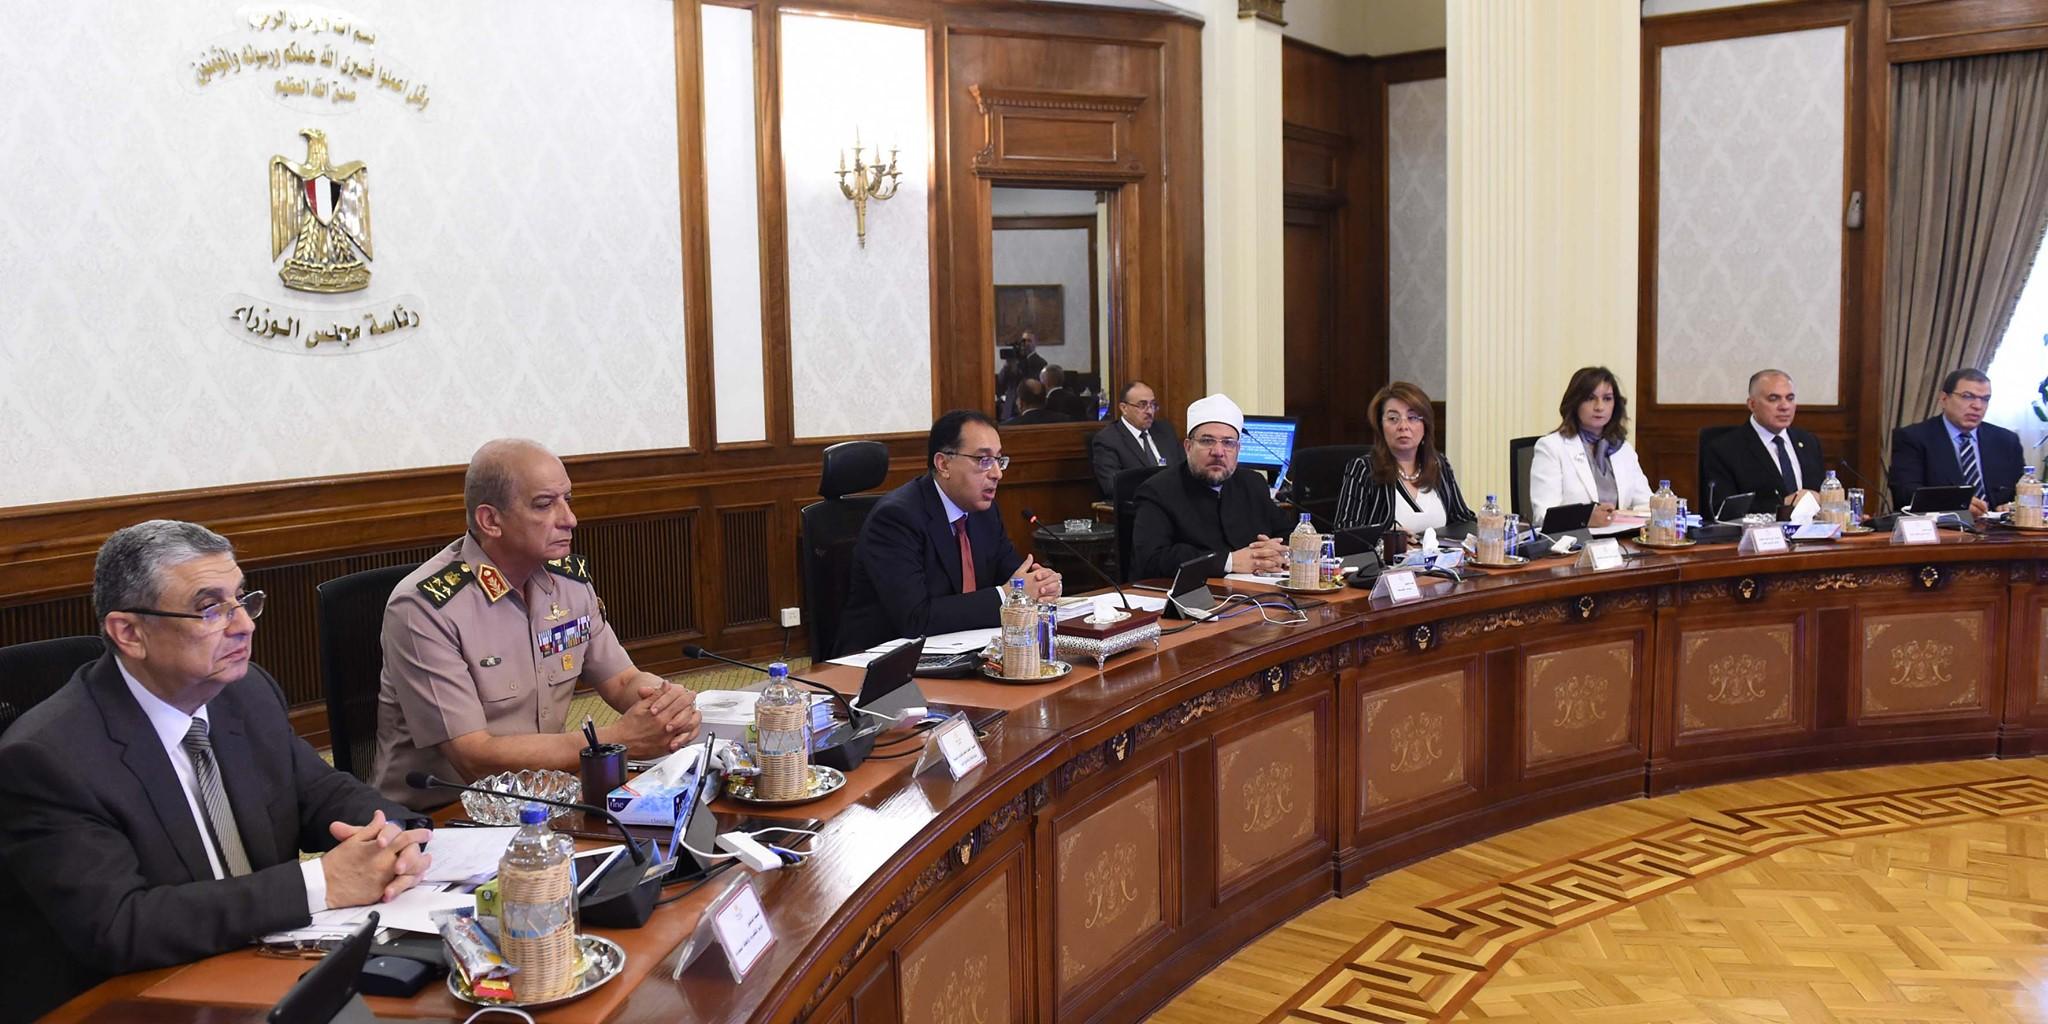 مجلس الوزراء يوافق على تمويل من البنك الدولي للإسكان الاجتماعى